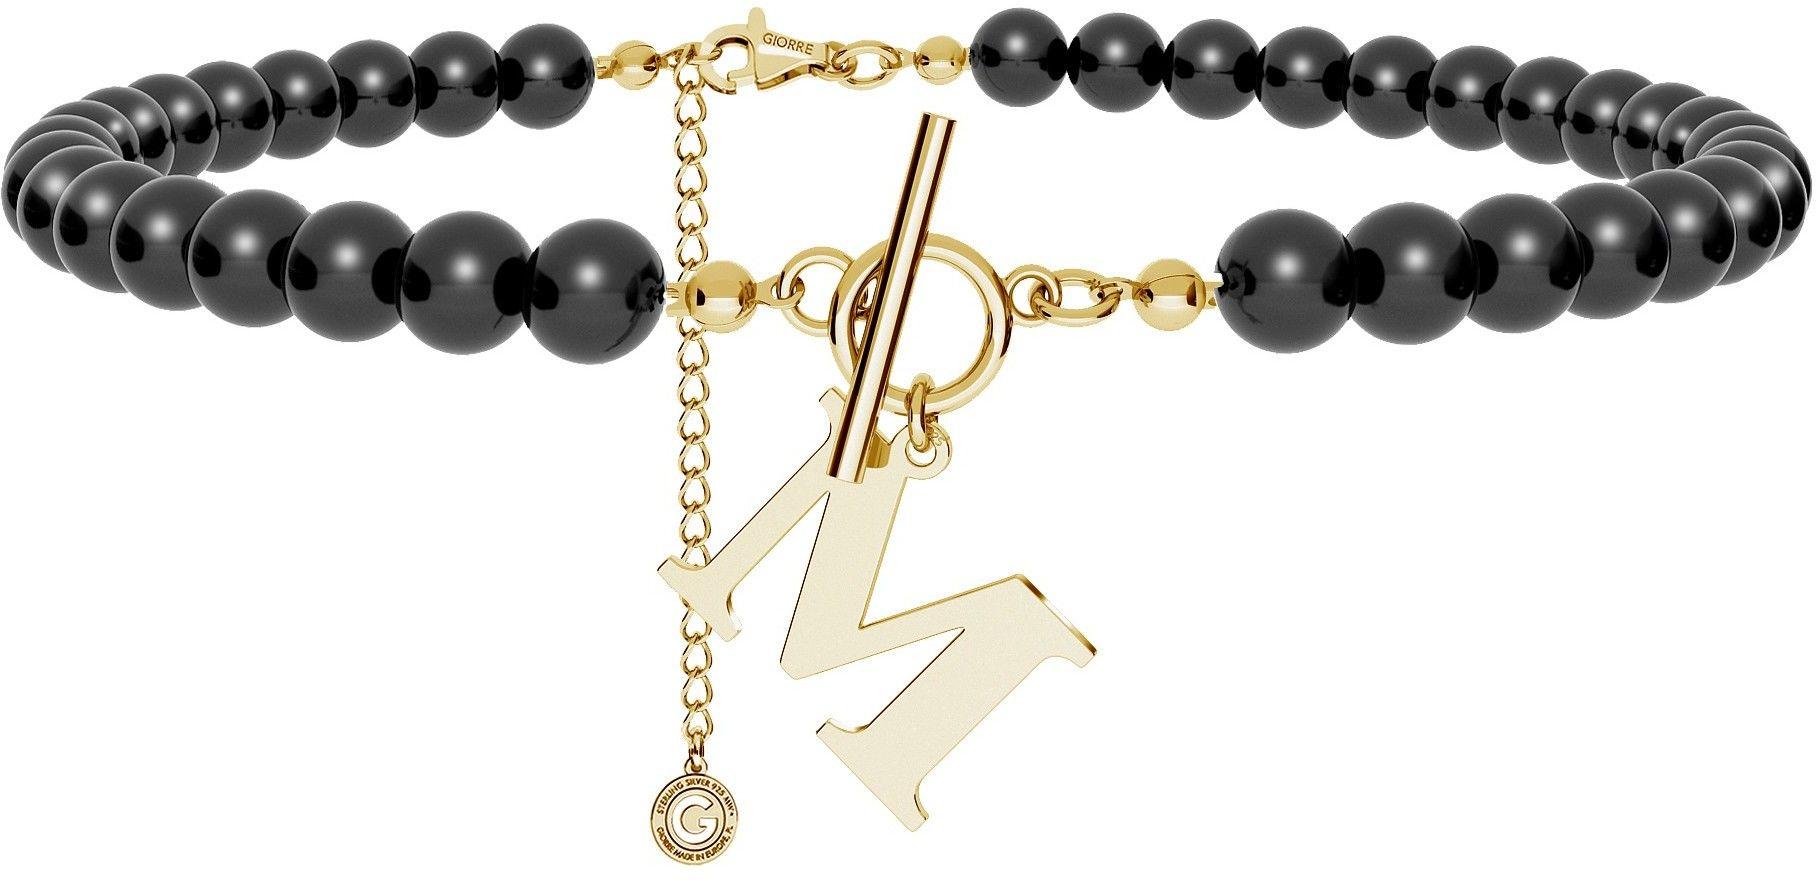 Czarny perłowy choker z dowolną literą, Swarovski, srebro 925 : Litera - G, Srebro - kolor pokrycia - Pokrycie żółtym 18K złotem